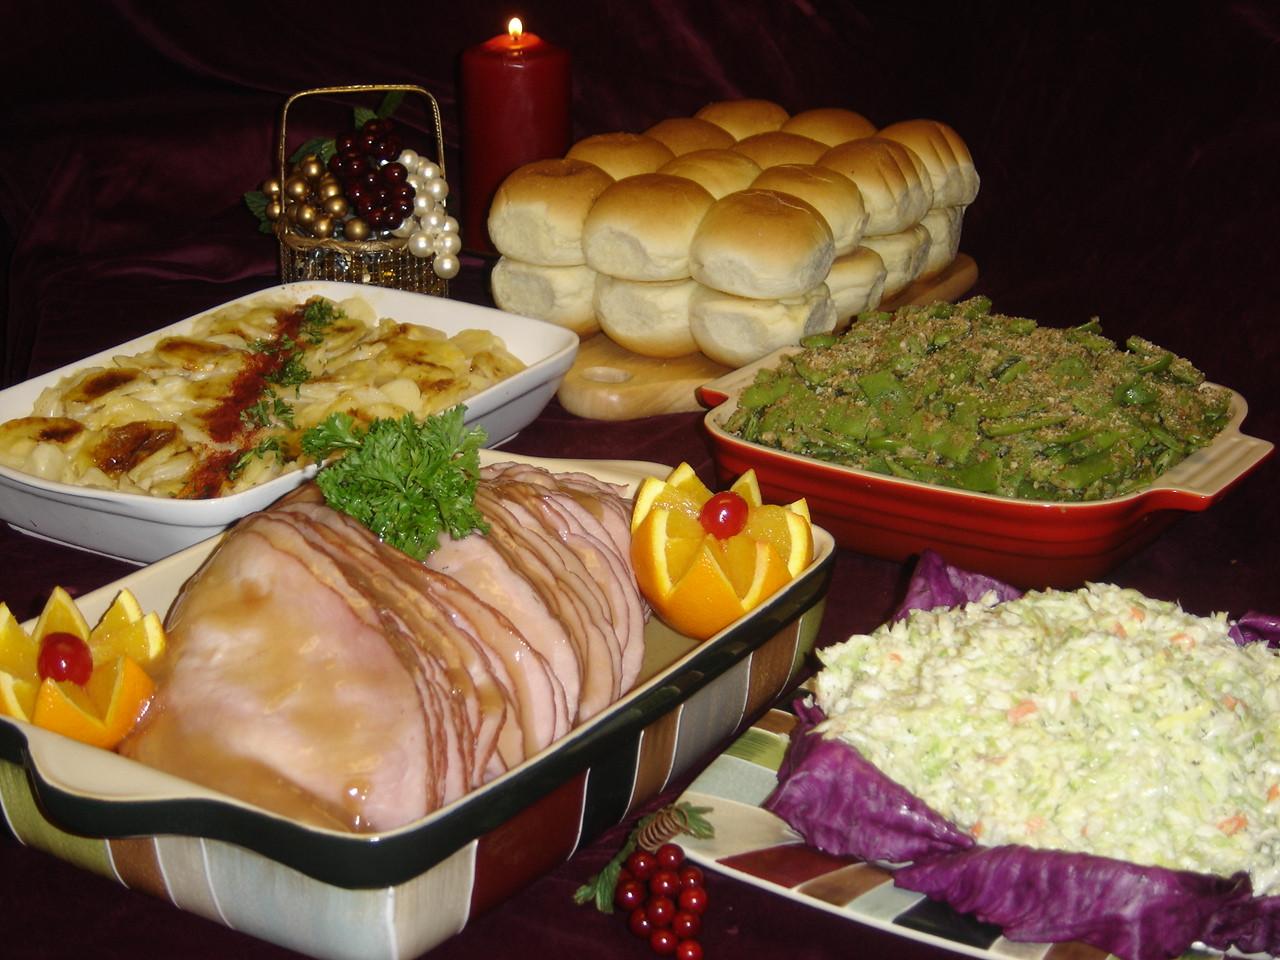 Menu For Easter Dinner  Hop into Schiff's for Easter Dinner made easy